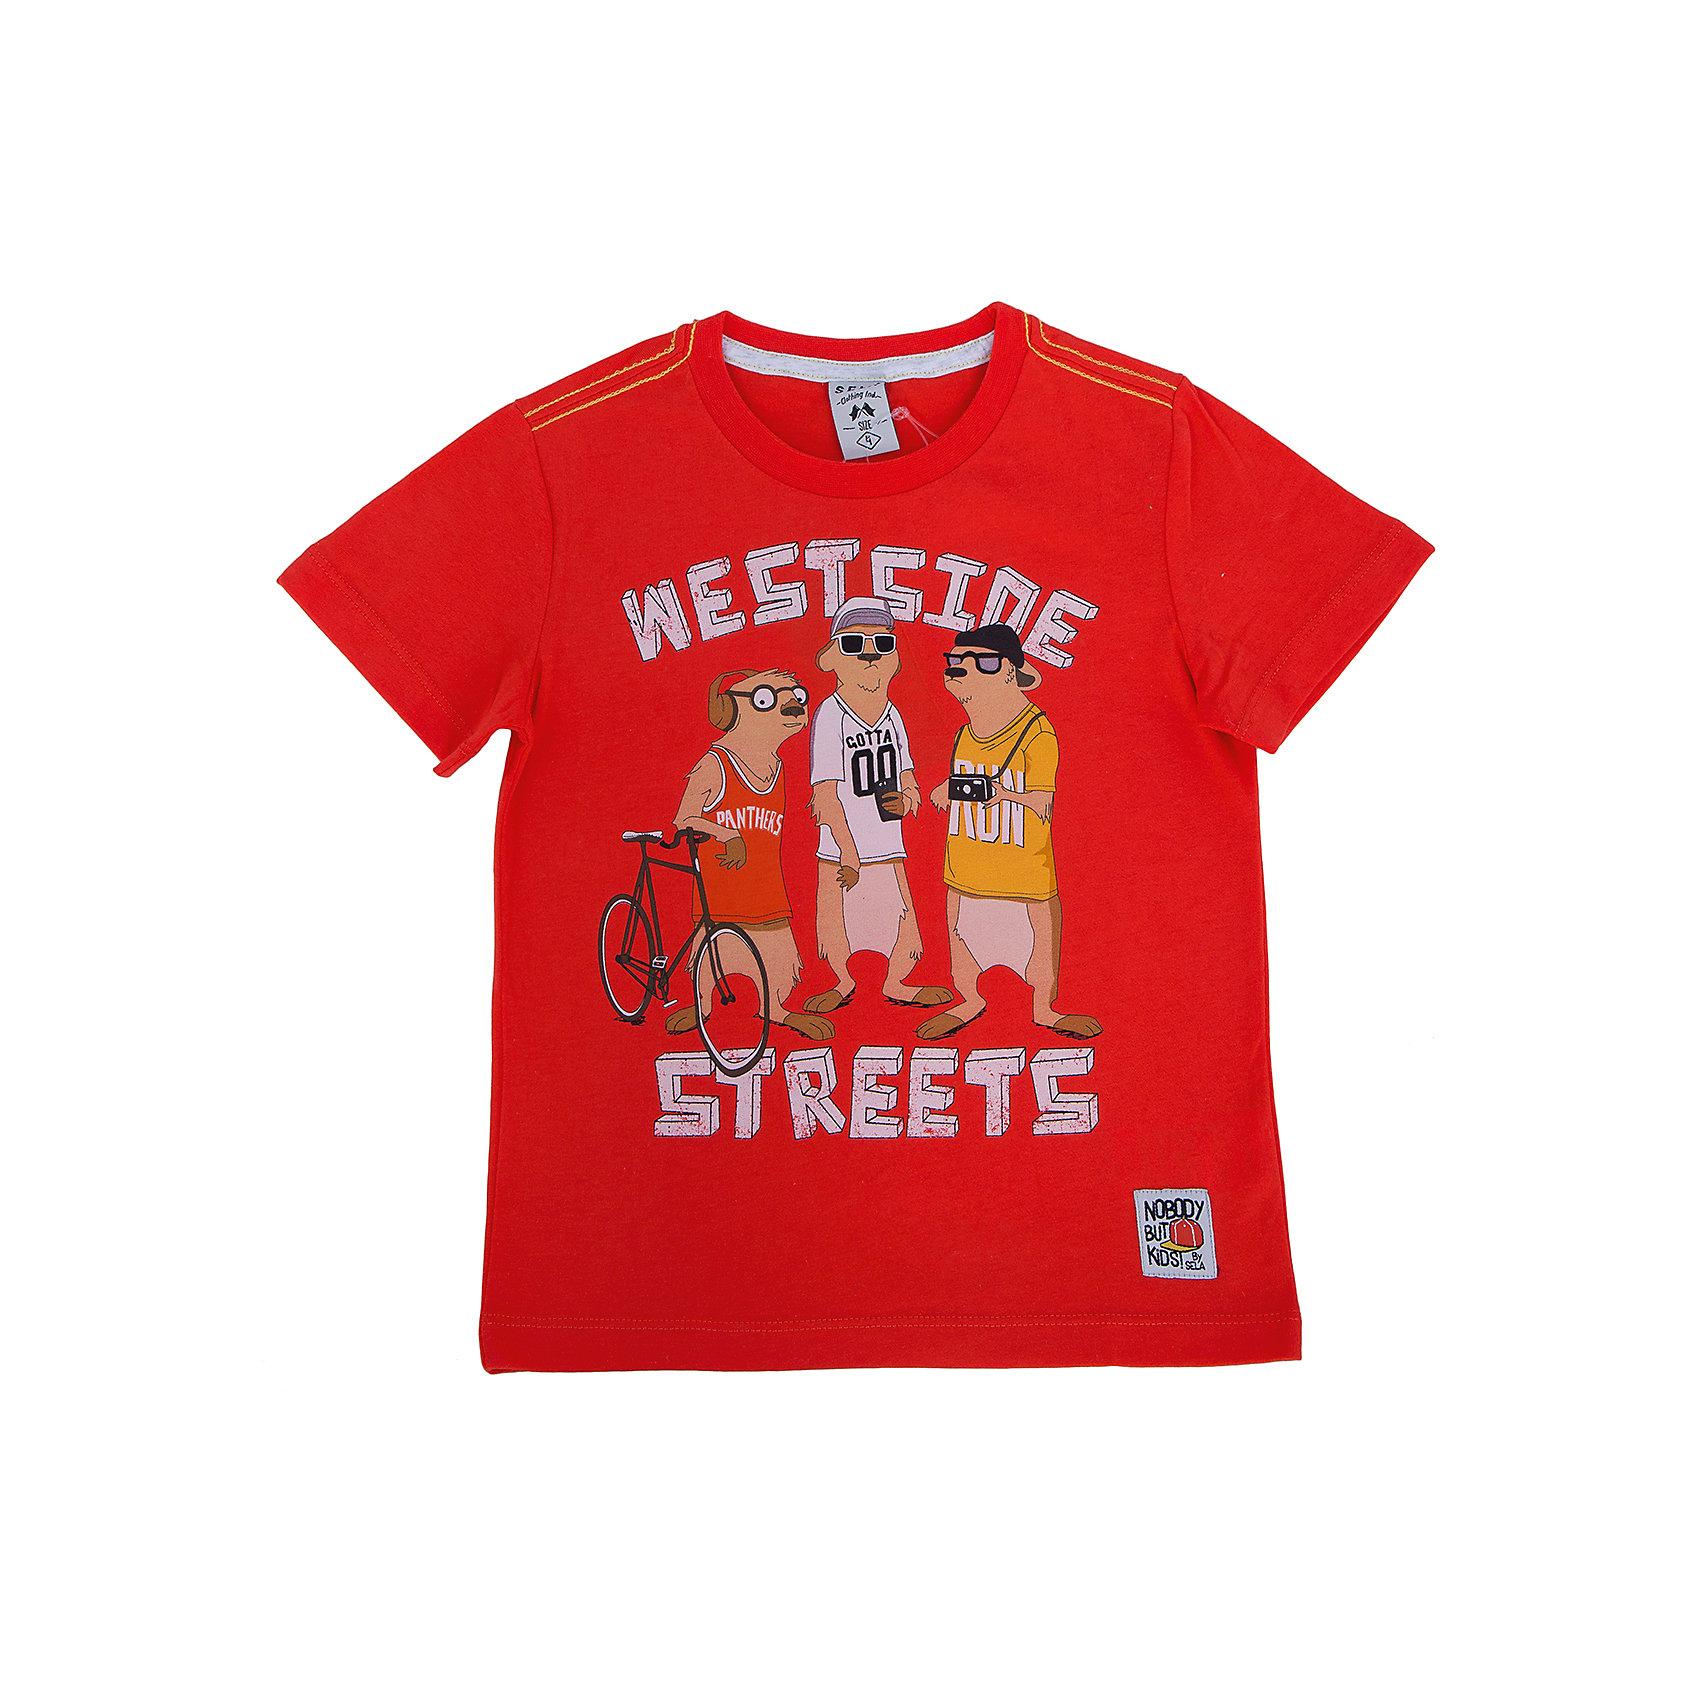 Футболка для мальчика SELAУдобная стильная футболка от известной марки SELА поможет разнообразить летний гардероб мальчика, создать легкий подходящий погоде ансамбль. Удобный крой и качественный материал обеспечат ребенку комфорт при ношении этой вещи. <br>На горловине изделия - мягкая окантовка. Материал - натуральный хлопок, дышащий и гипоаллергенный. Футболка декорирована модным принтом.<br><br>Дополнительная информация:<br><br>материал: 100% хлопок;<br>цвет: красный;<br>декорирована принтом;<br>короткие рукава;<br>круглый горловой вырез;<br>уход за изделием: стирка в машине при температуре до 30°С, не отбеливать, гладить при низкой температуре.<br><br>Футболку от бренда SELА (Села) можно купить в нашем магазине.<br><br>Ширина мм: 230<br>Глубина мм: 40<br>Высота мм: 220<br>Вес г: 250<br>Цвет: красный<br>Возраст от месяцев: 48<br>Возраст до месяцев: 60<br>Пол: Мужской<br>Возраст: Детский<br>Размер: 110,116,104,98,92<br>SKU: 4741159